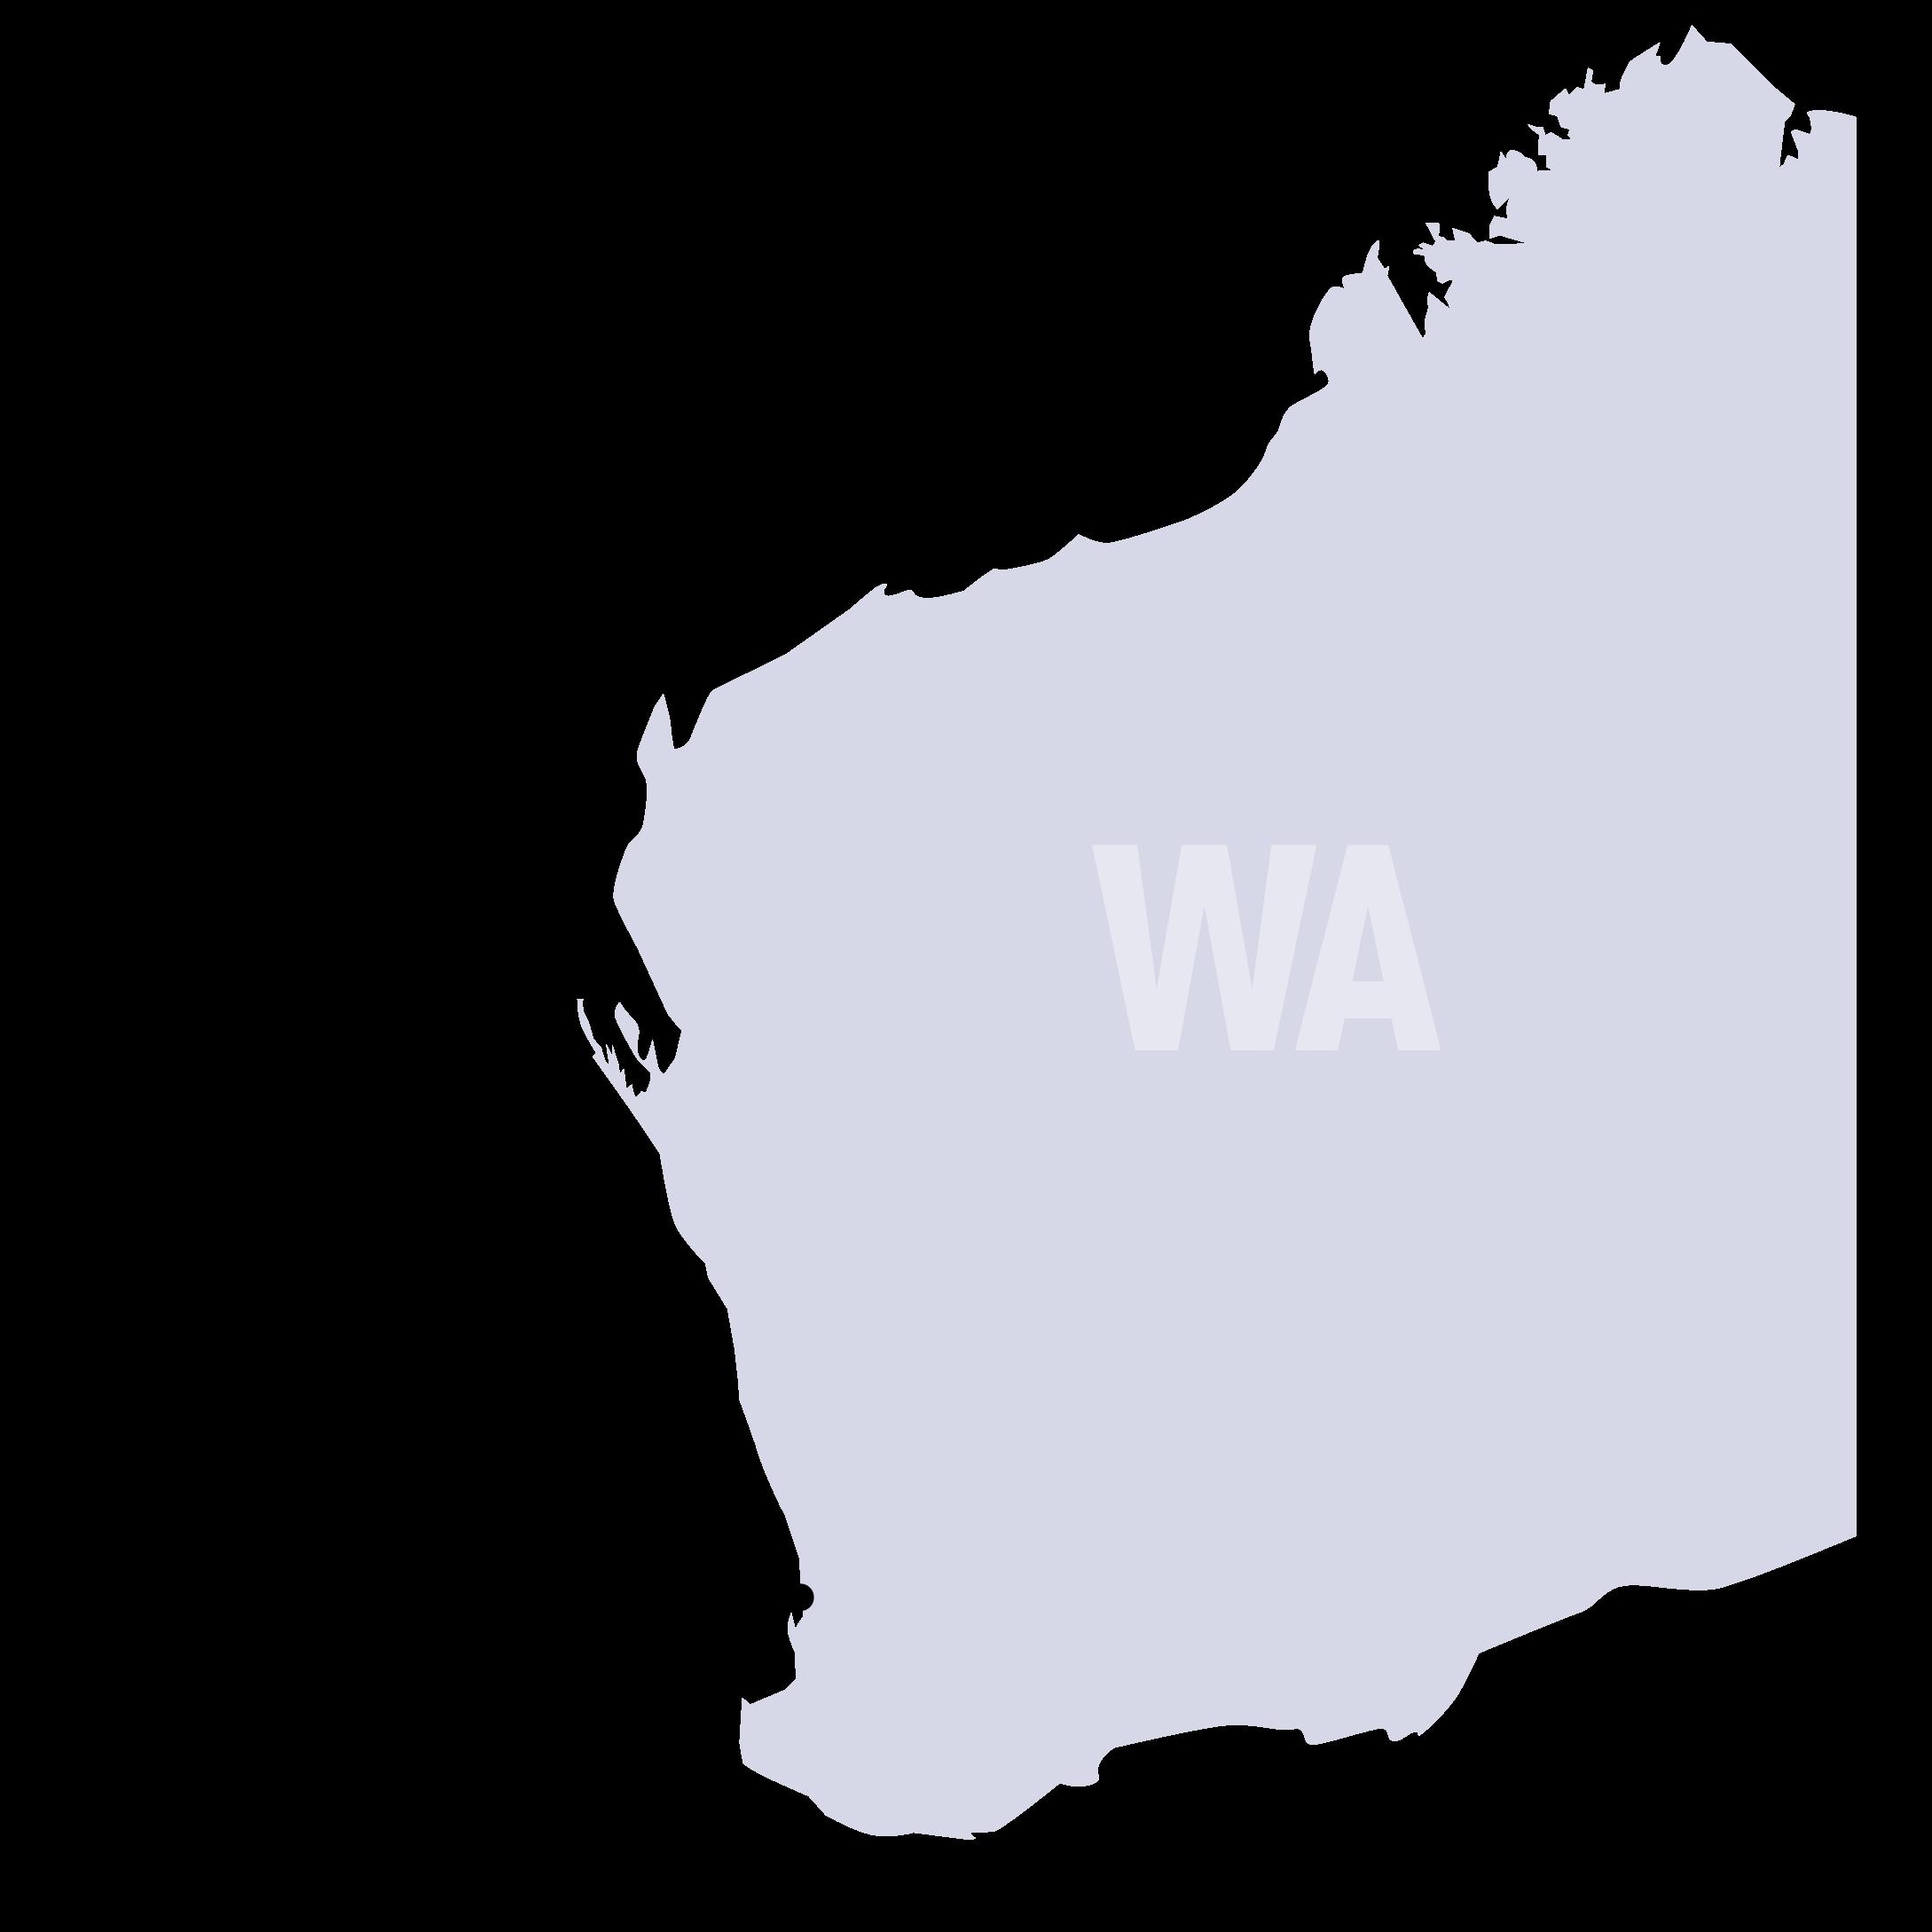 SUEZ States Maps WA